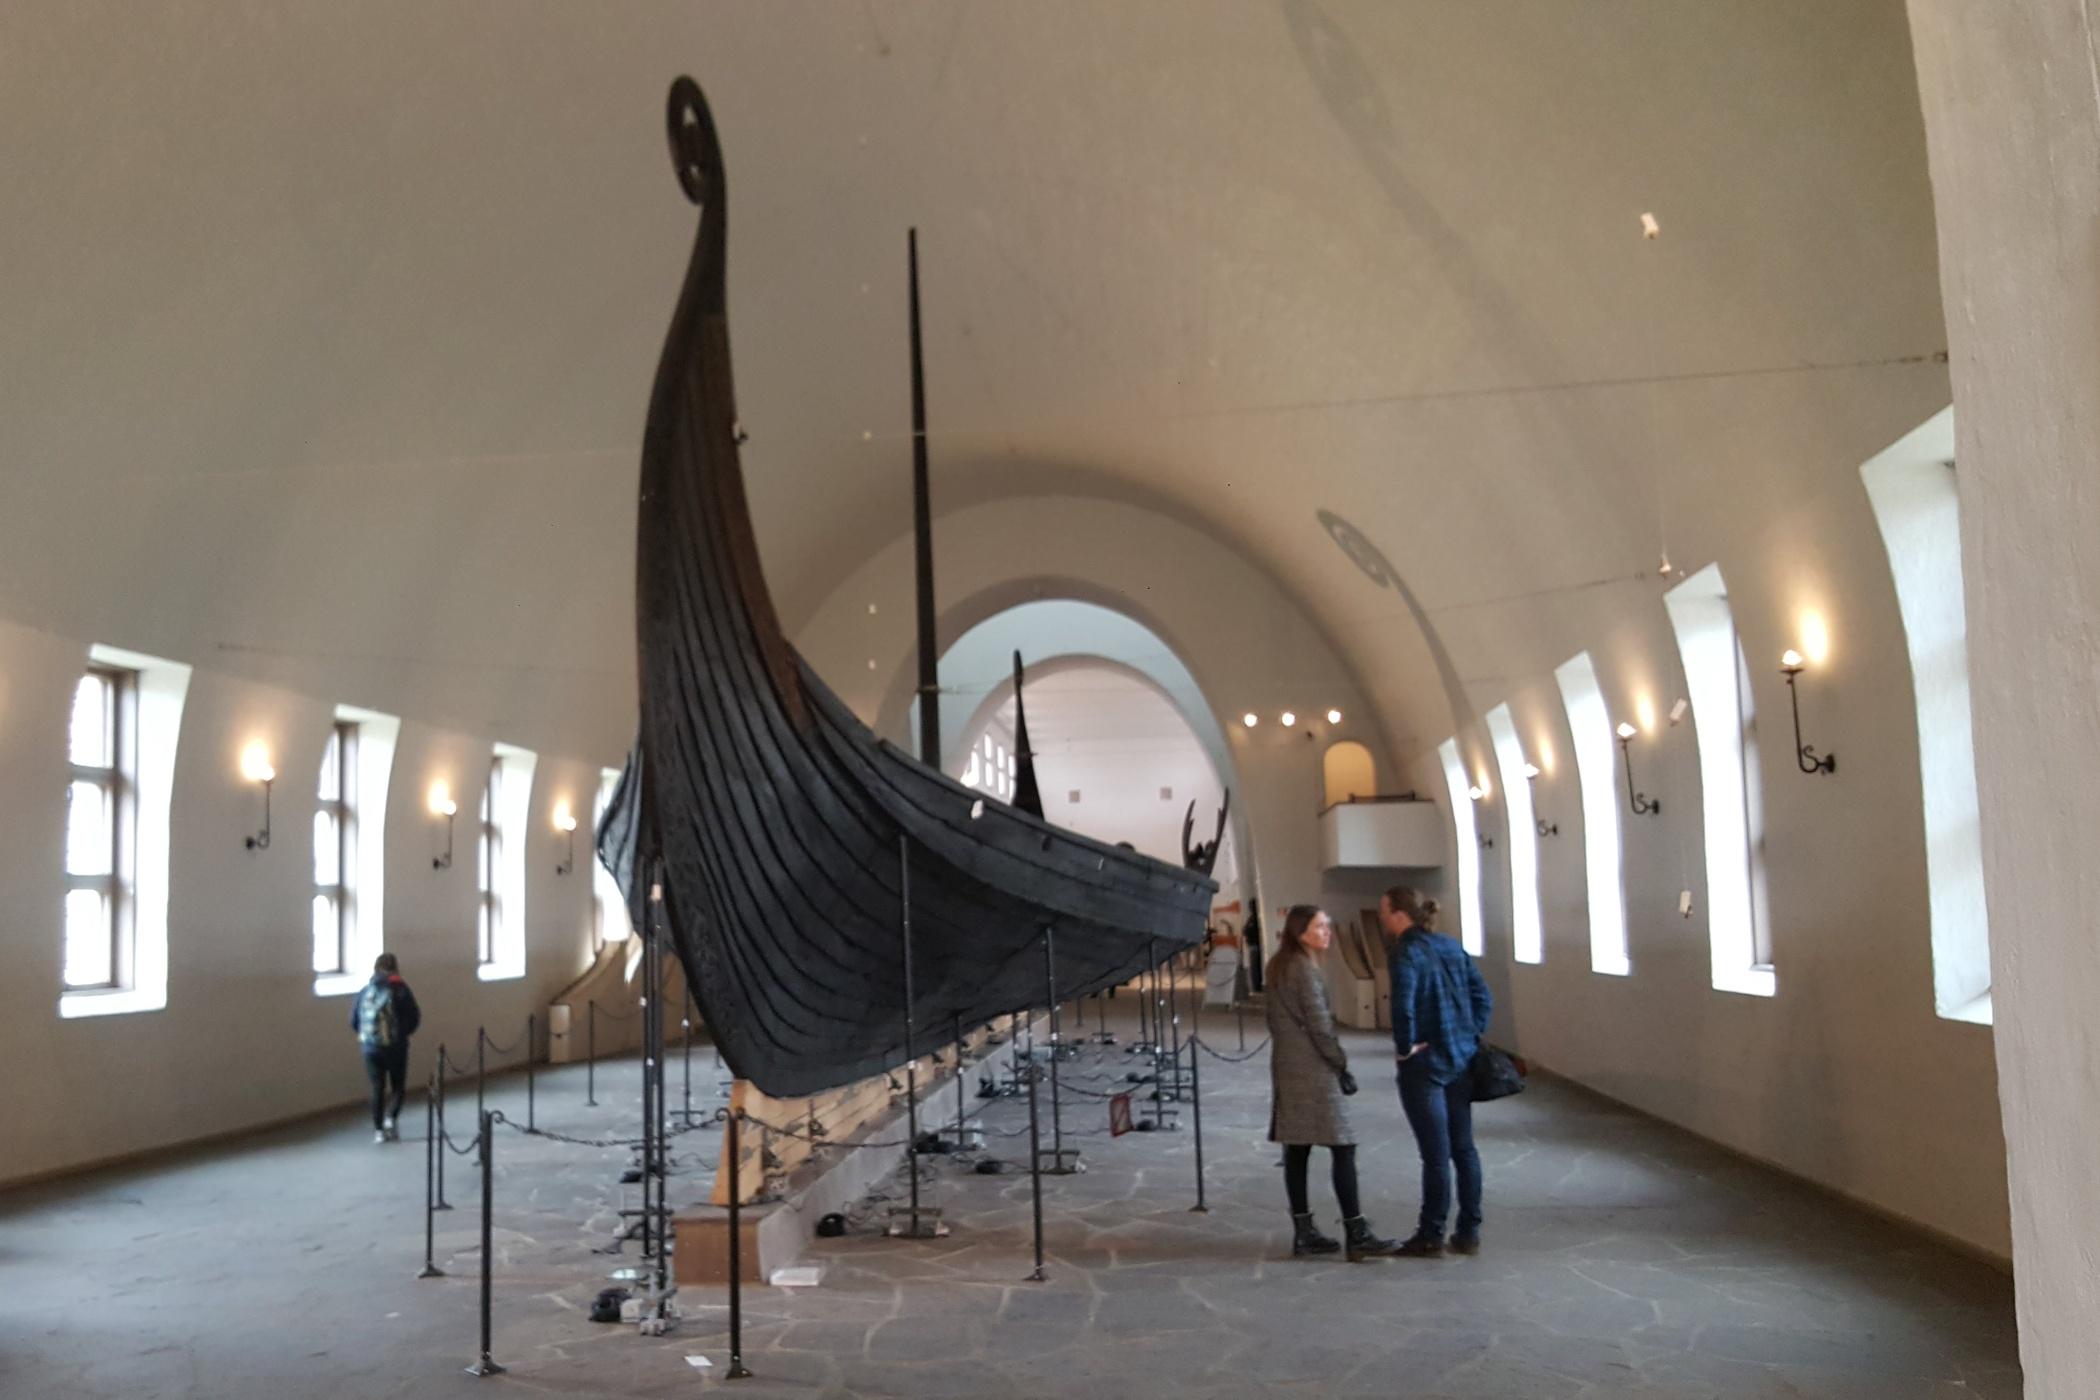 V muzeu jsou k vidění tři originály vikinských lodí, které se dochovaly díky tomu, že byly pohřbeny spolu s vikinskými náčelníky